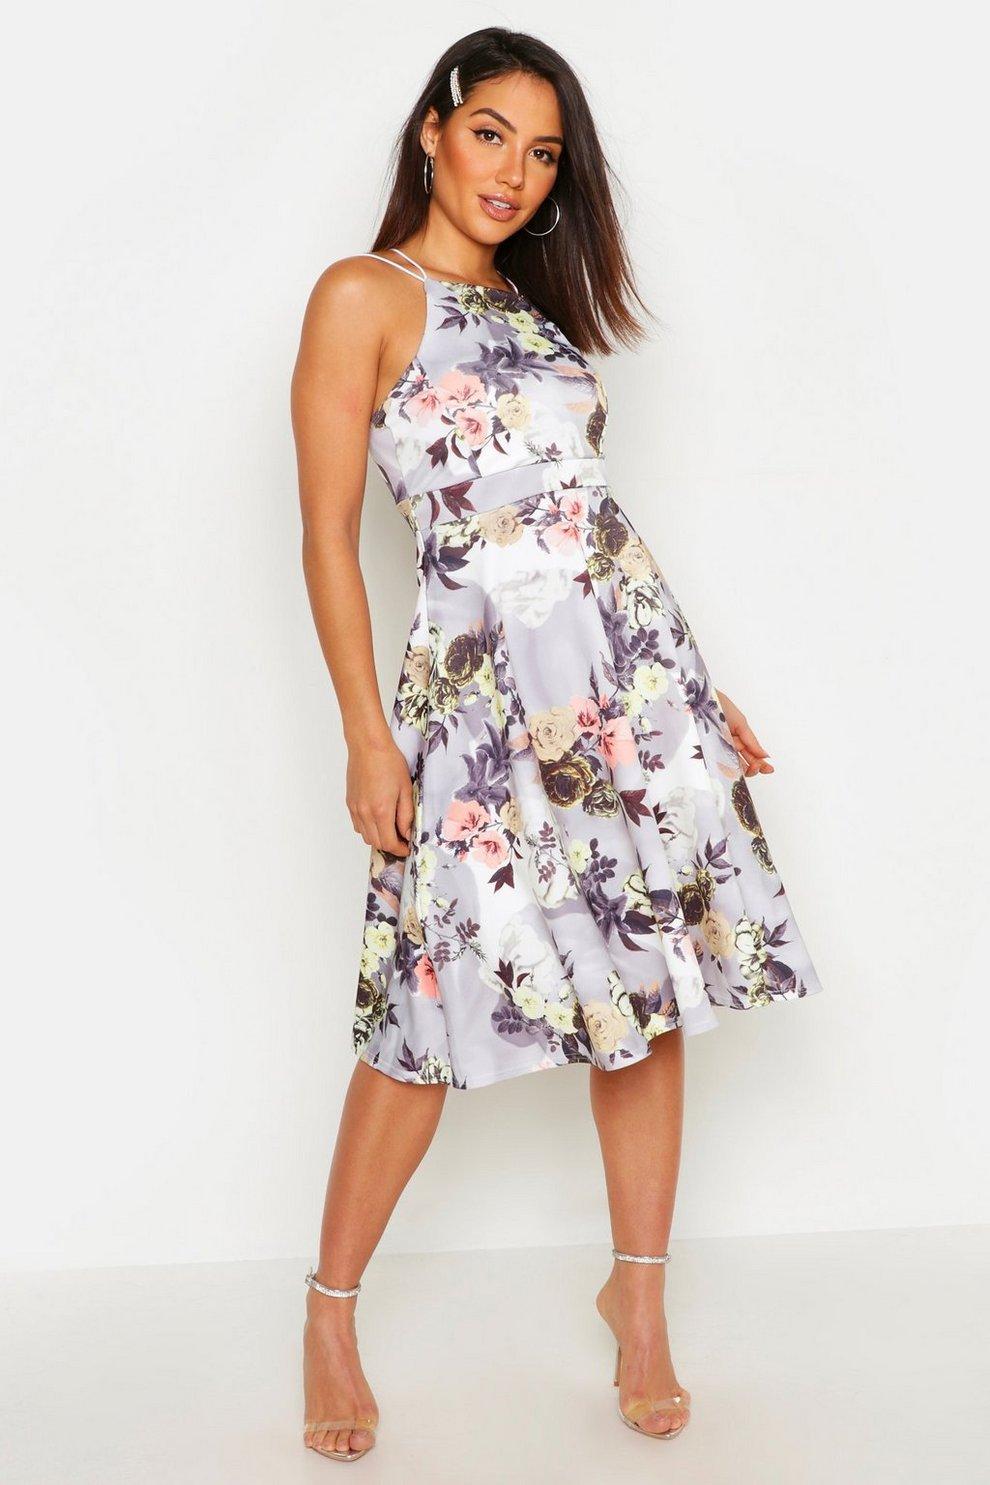 44235d74b4 Floral Print Strappy Full Skater Dress